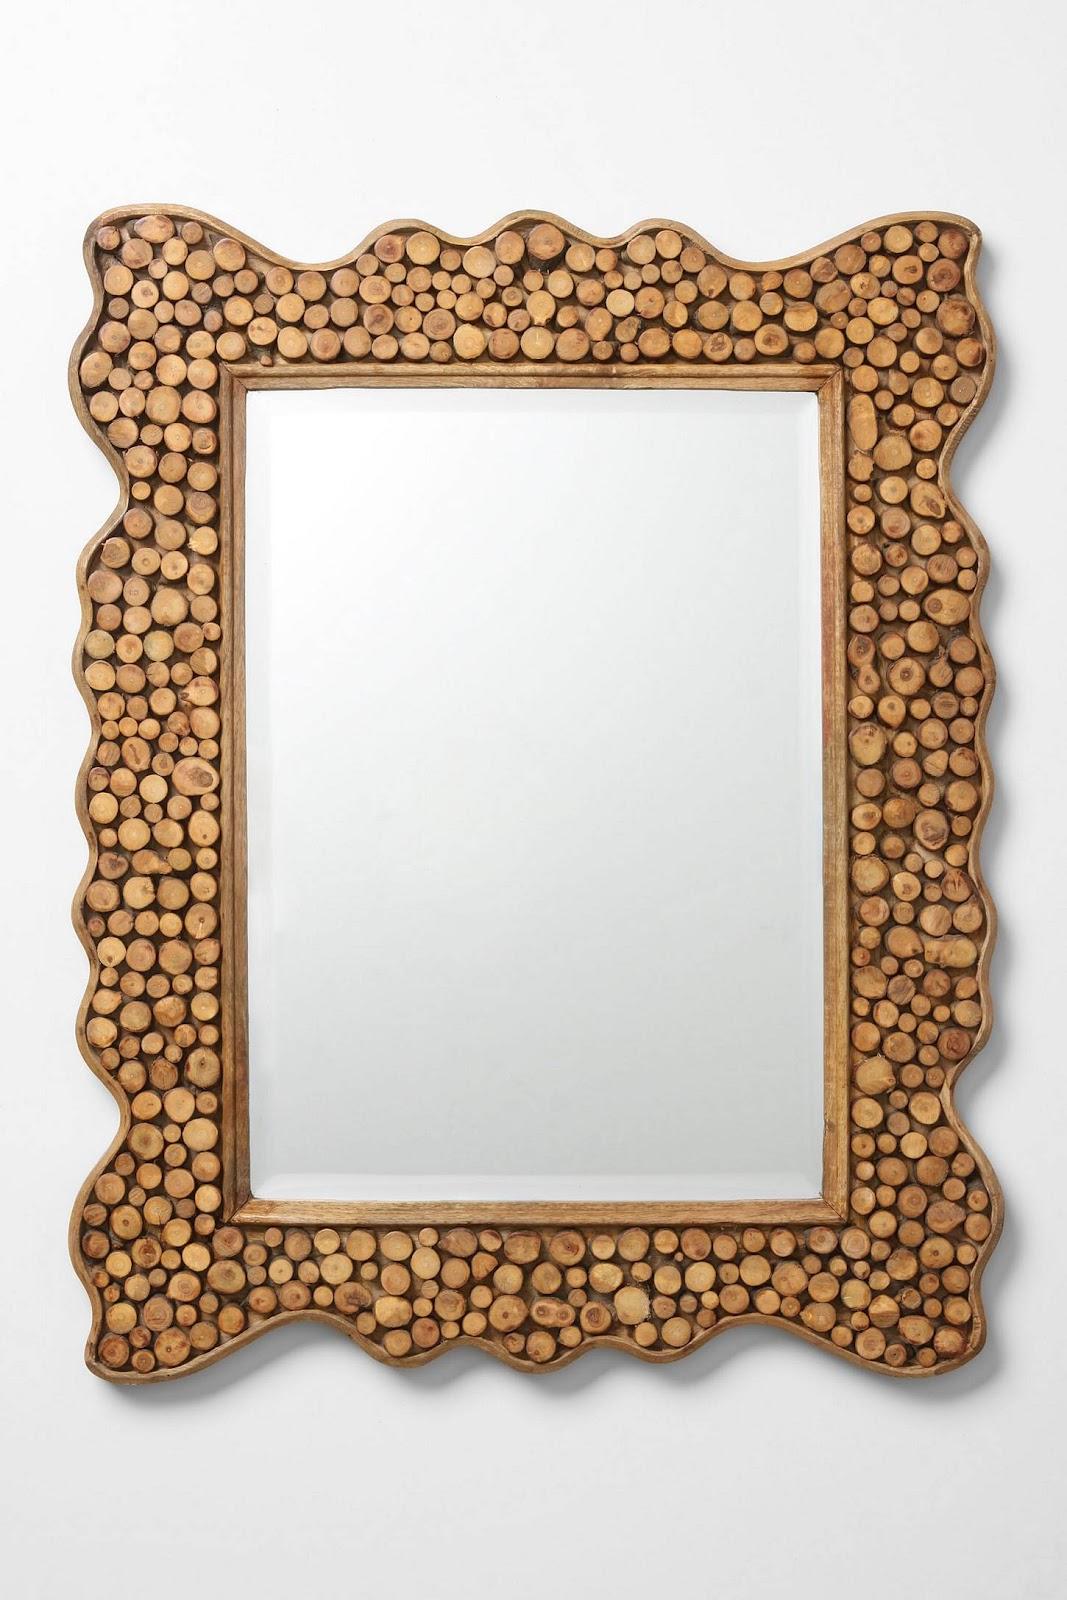 Рамка для зеркала из из винных пробок своими руками